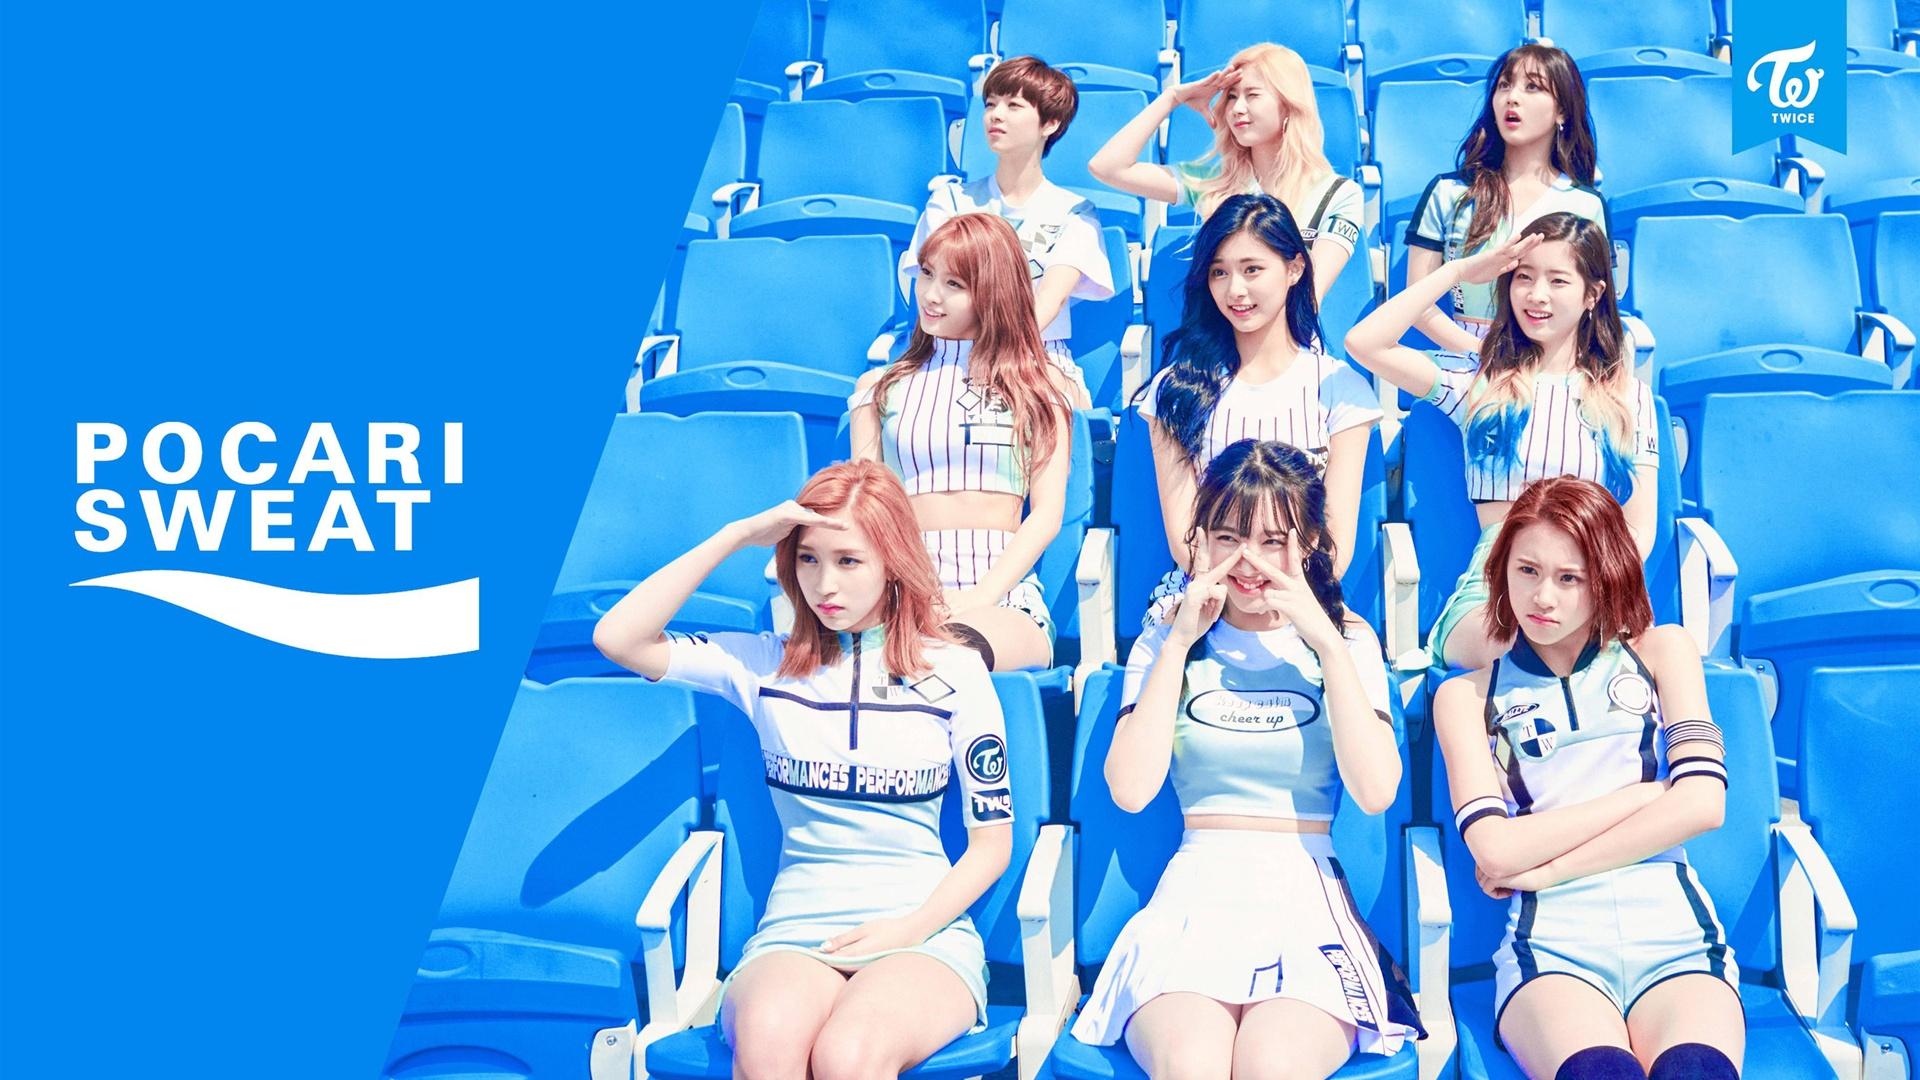 壁纸 TWICE,韩国音乐女孩 06 2560x1600 HD 高清壁纸, 图片, 照片